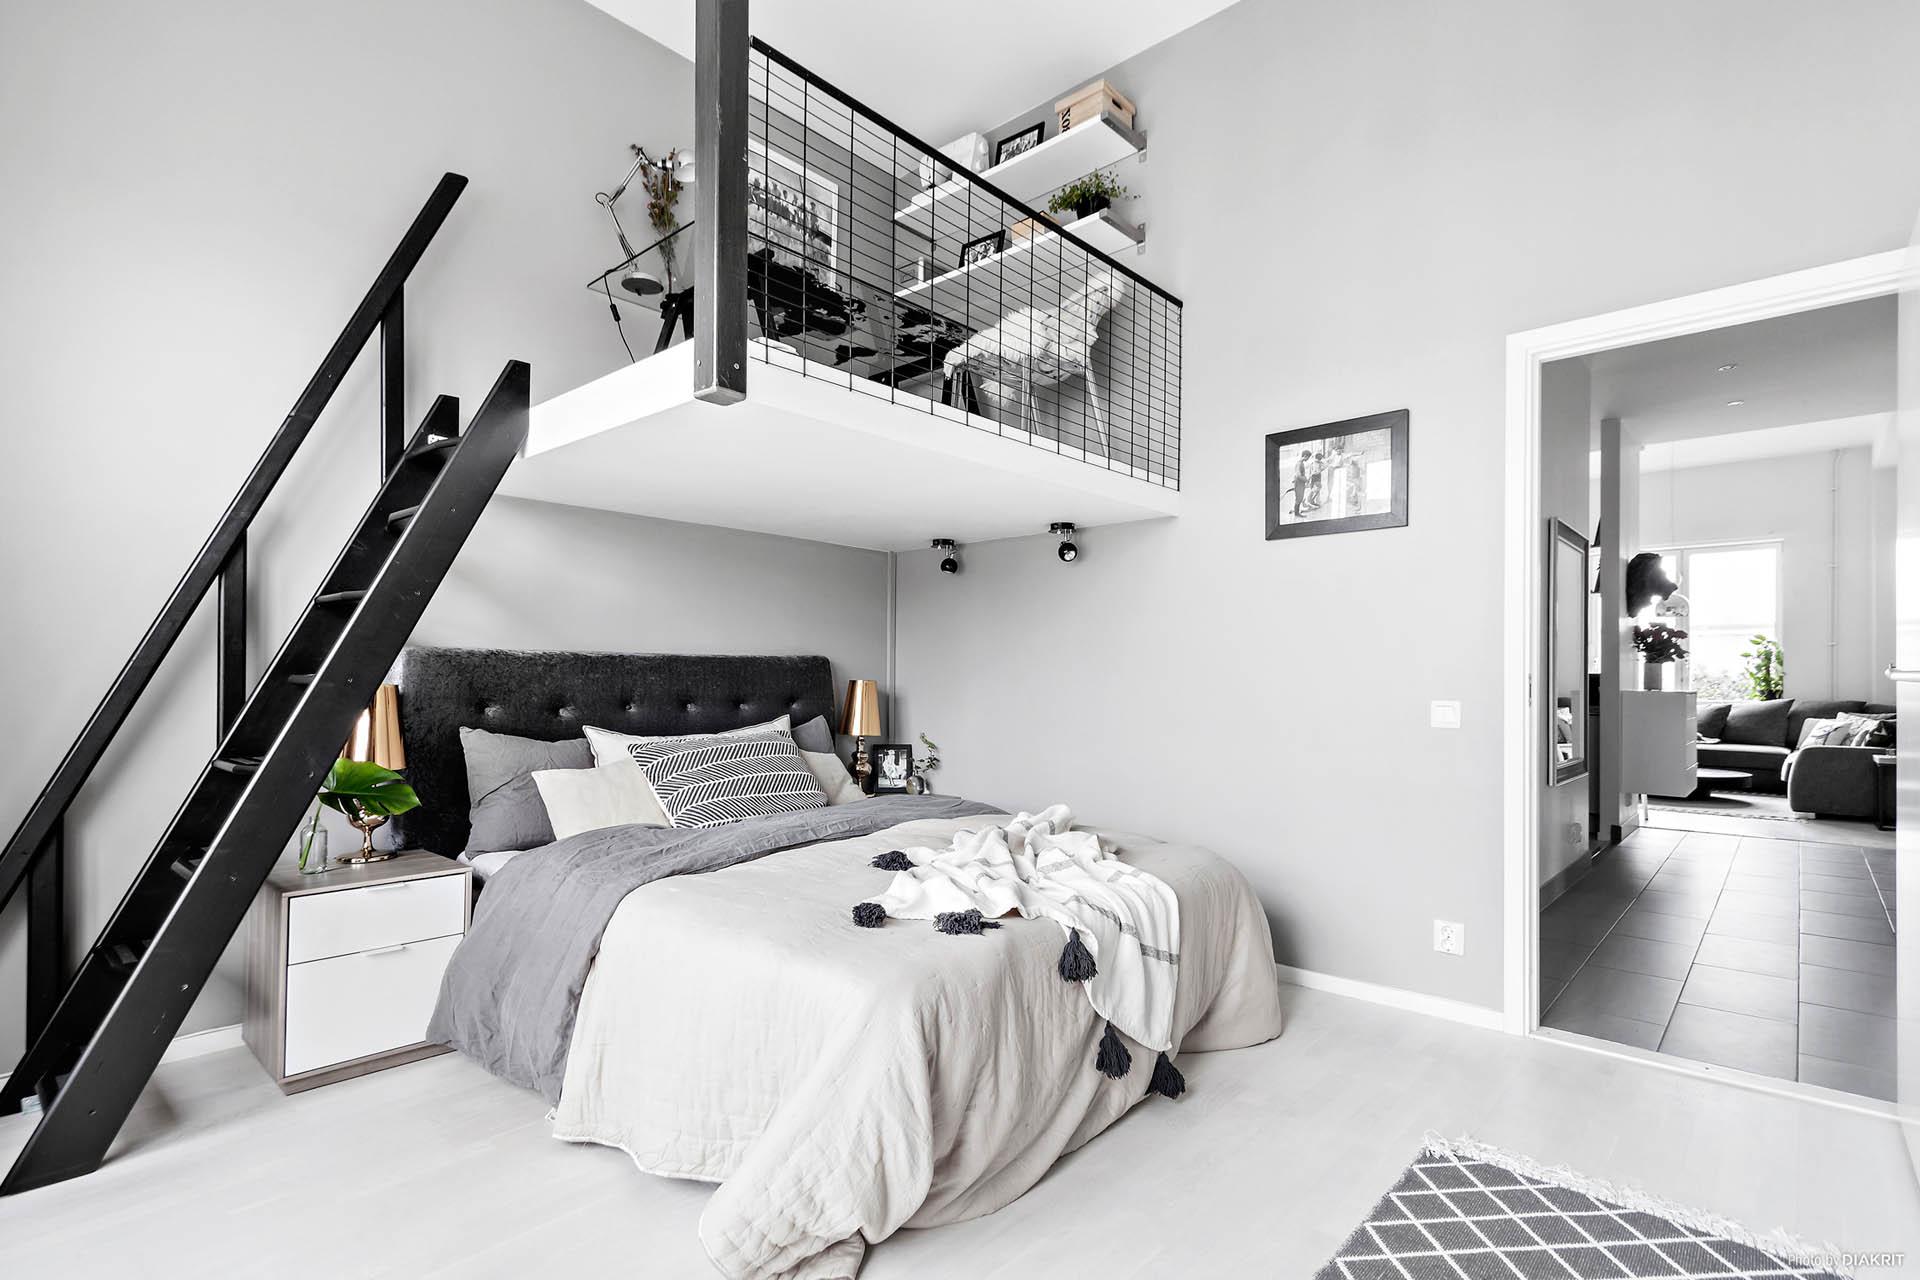 een mezzanine werkplek in slaapkamer slaapkamer idee n